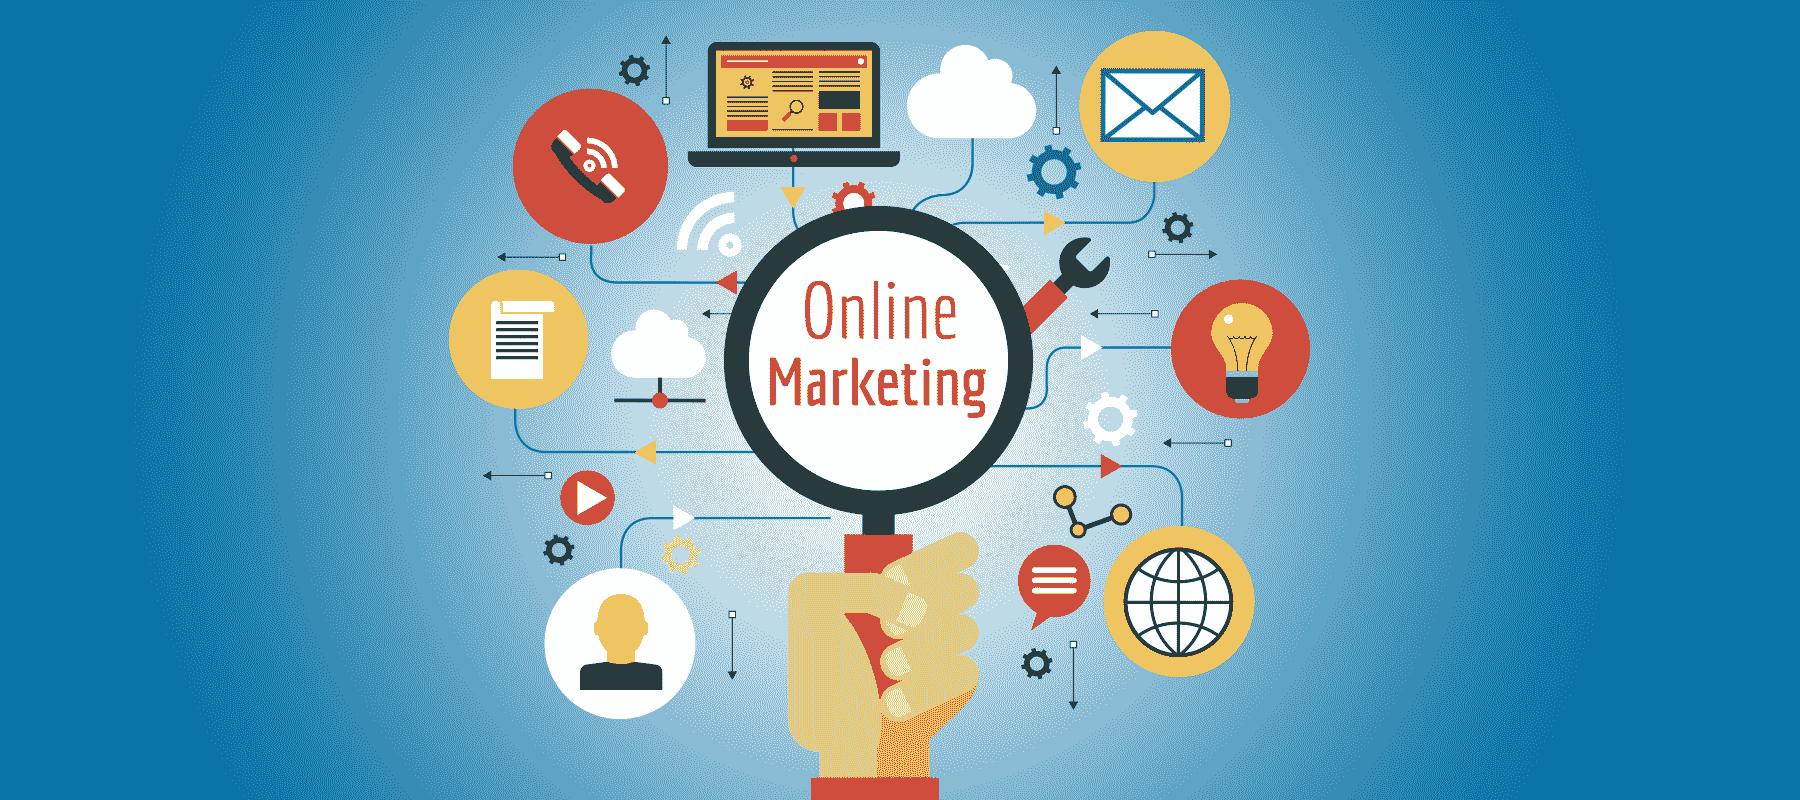 Marketing online gồm những kênh gì